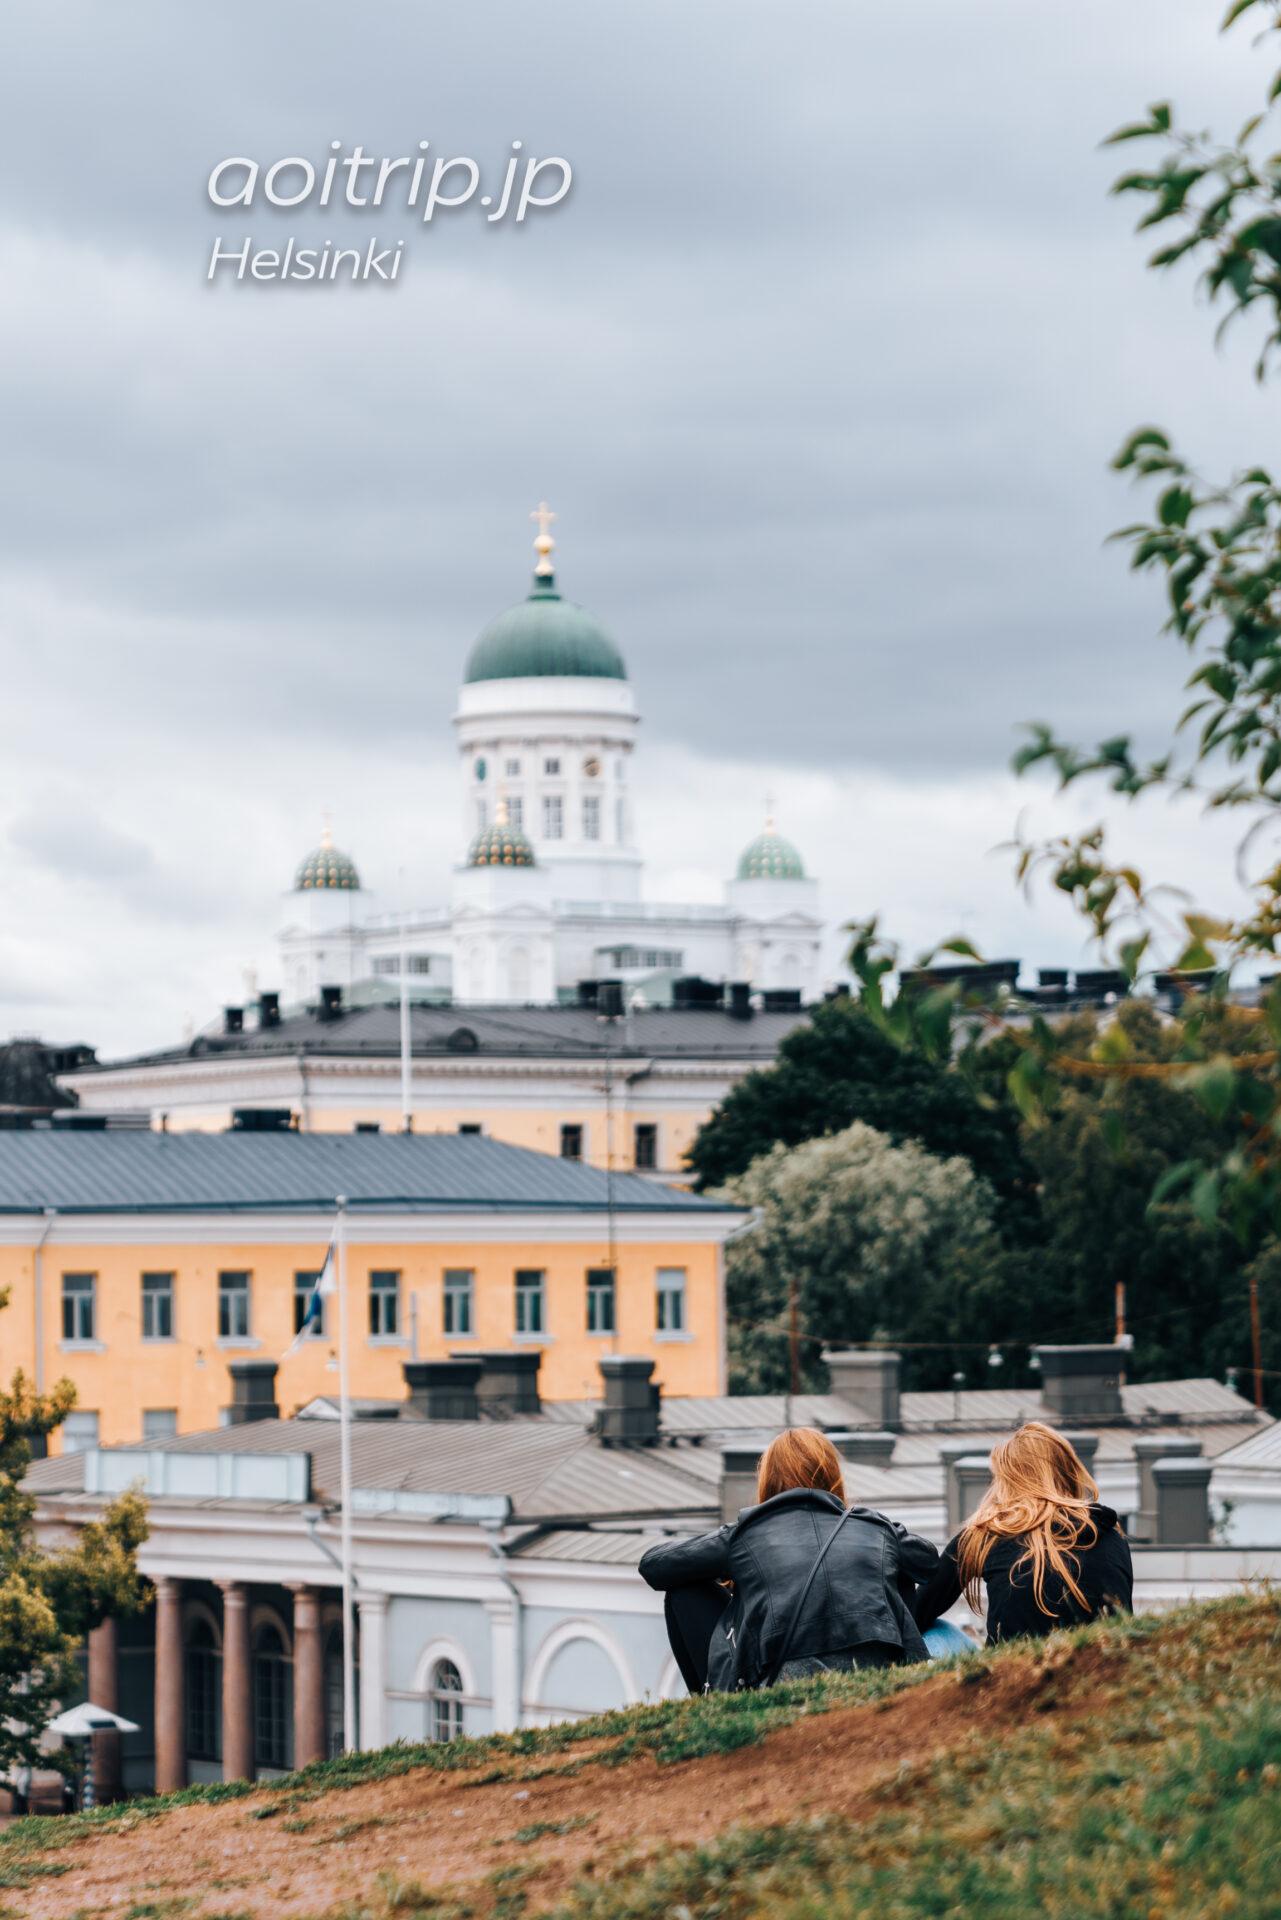 ヘルシンキの生神女就寝大聖堂から望むヘルシンキ大聖堂